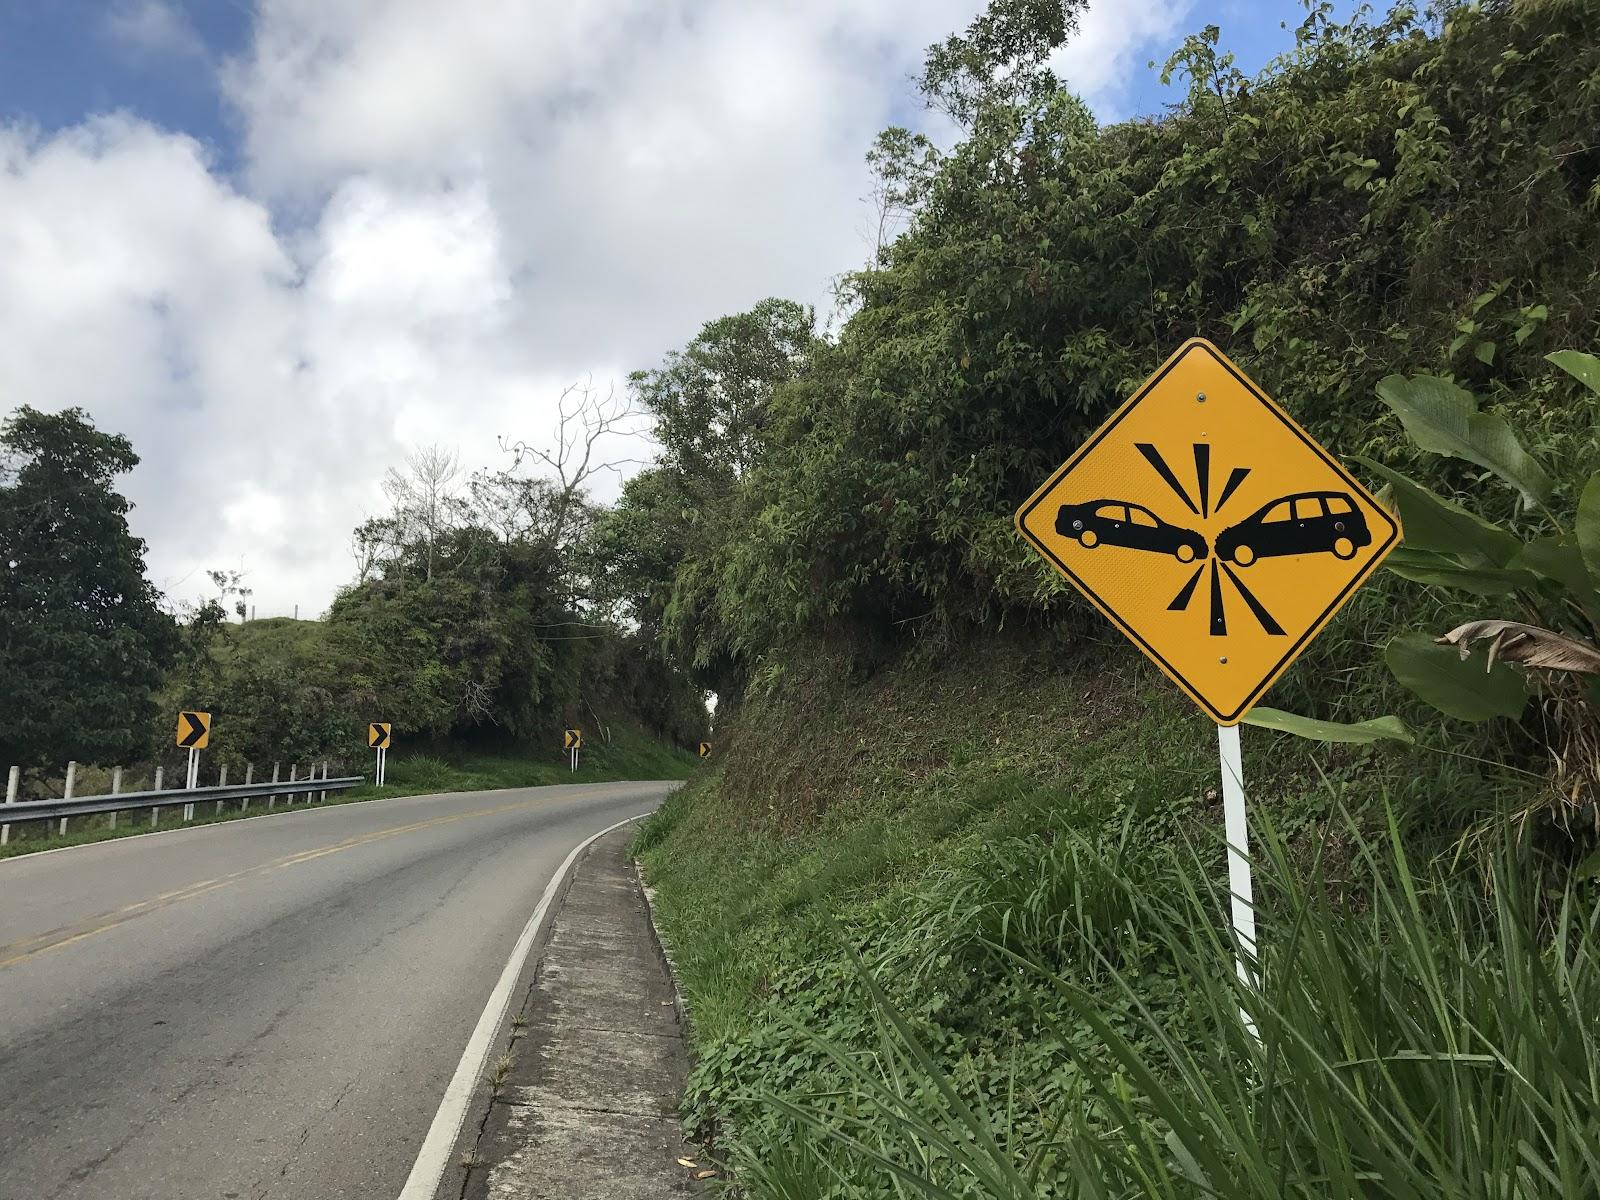 Bicycle ride up Hwy 50 to Alto de Letras - crazy driver sign